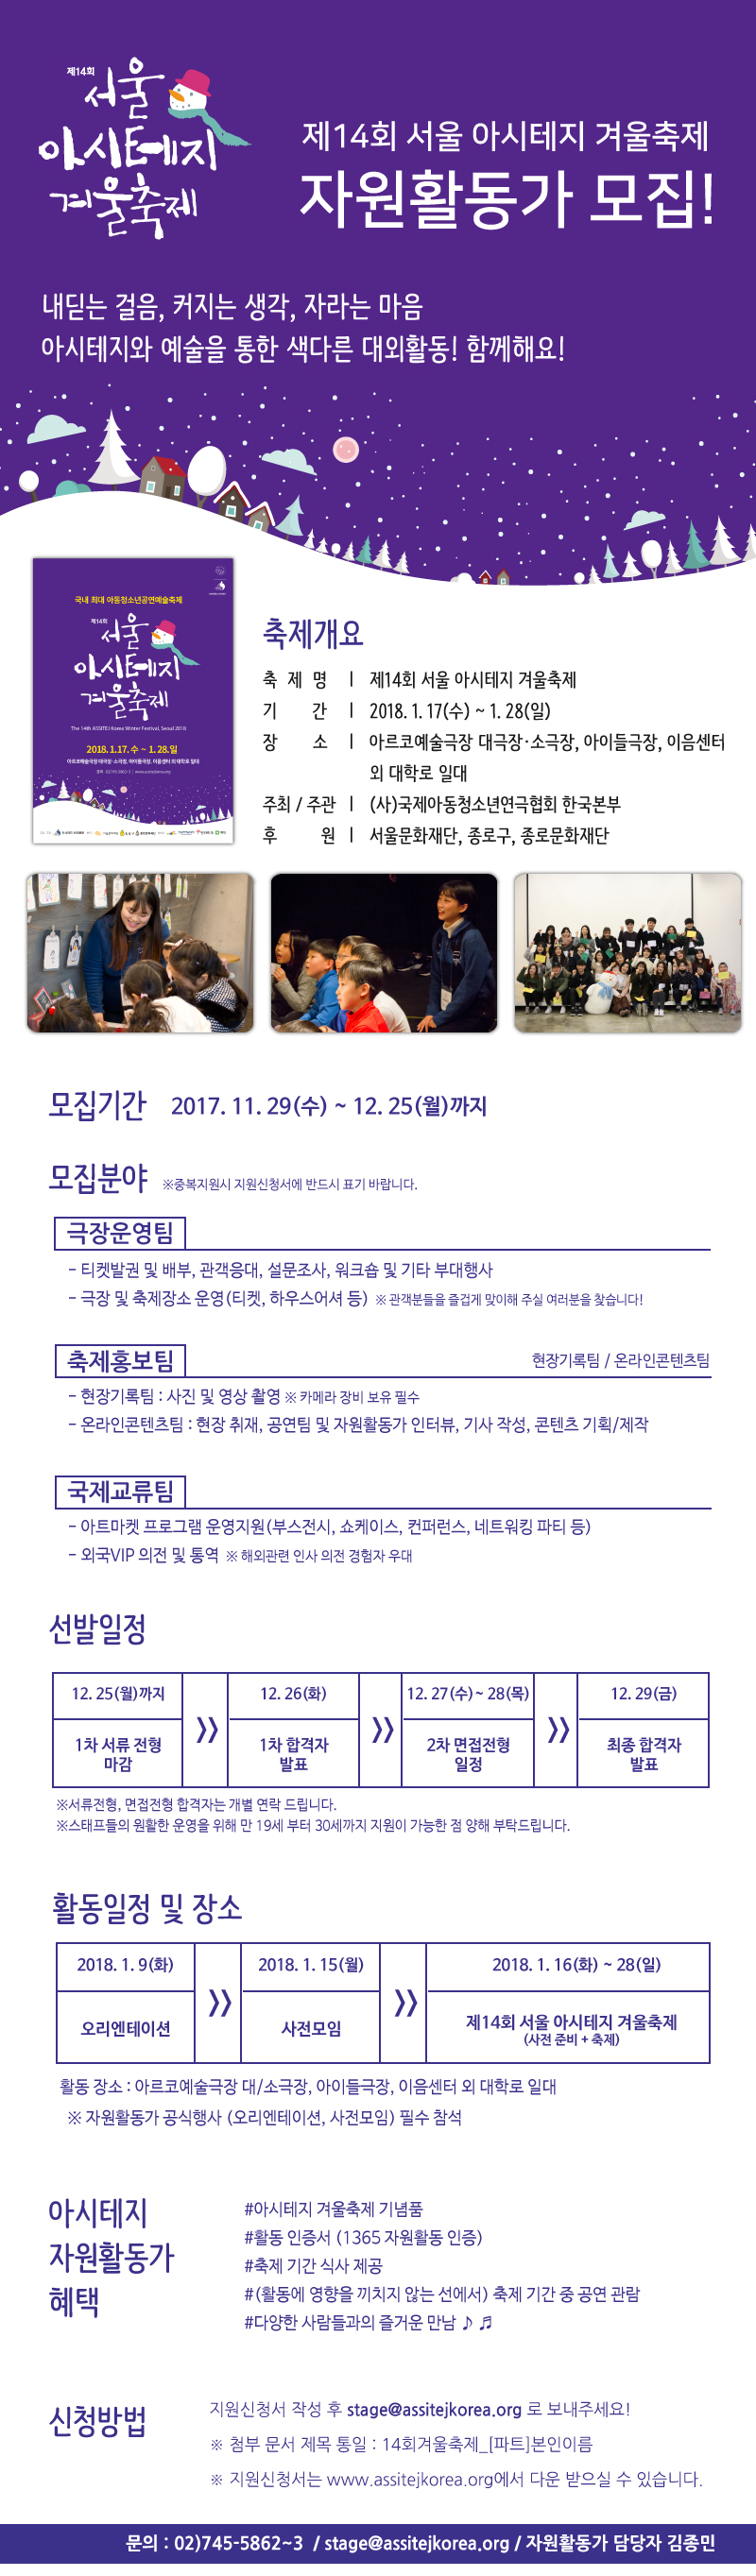 제14회 서울 아시테지 겨울축제 자원활동가 대모집!